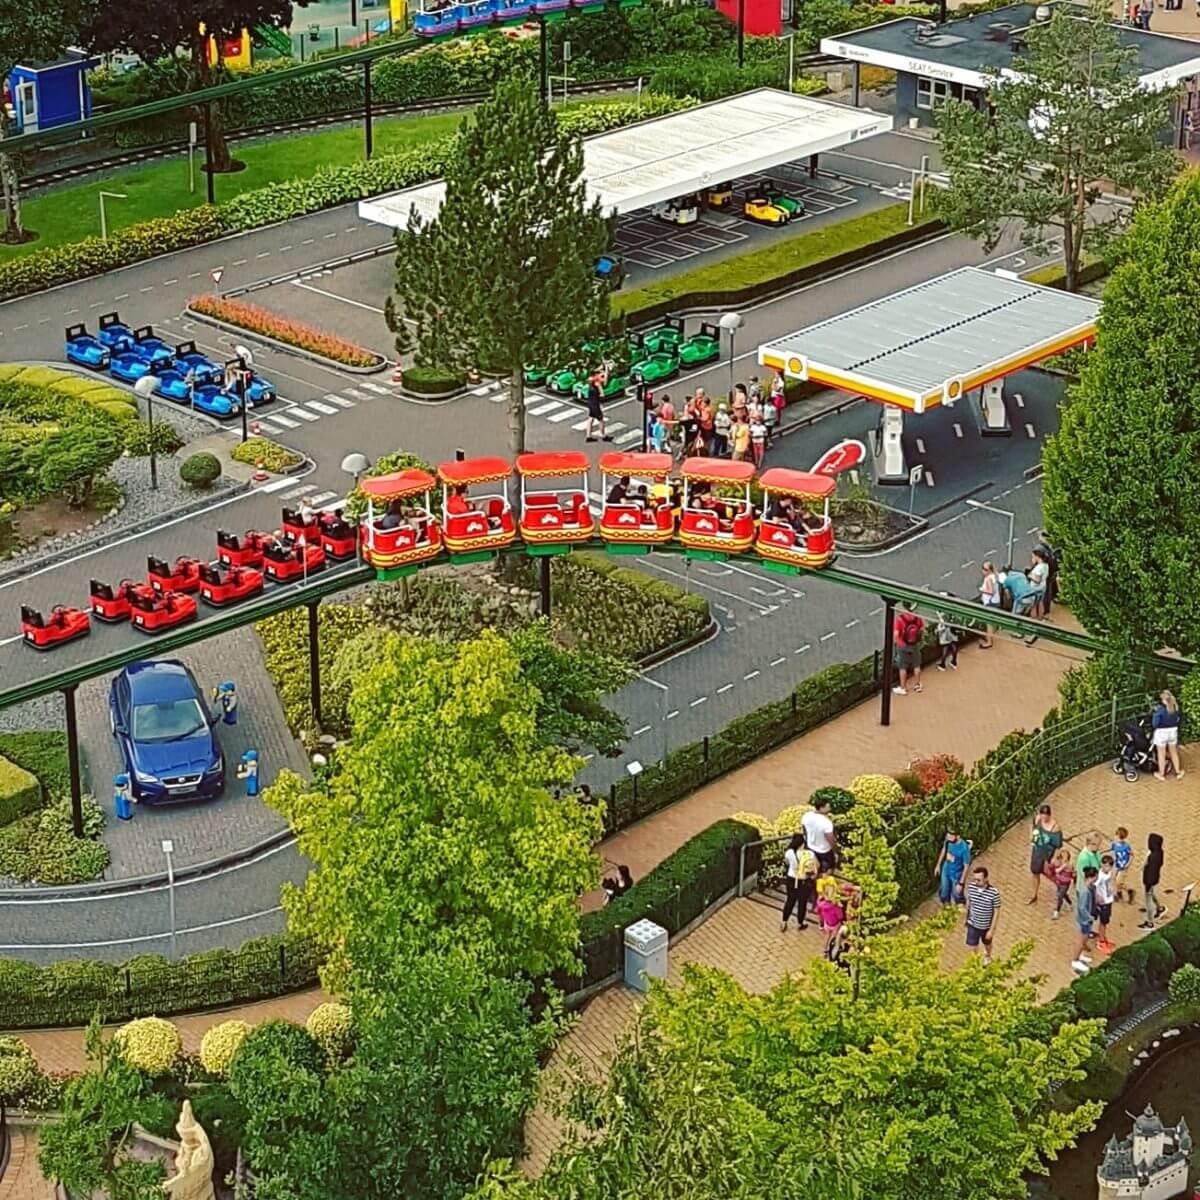 Legoland met kinderen: alles wat je wil weten, Miniland monorail #leukmetkids #legoland #Denemarken #kinderen